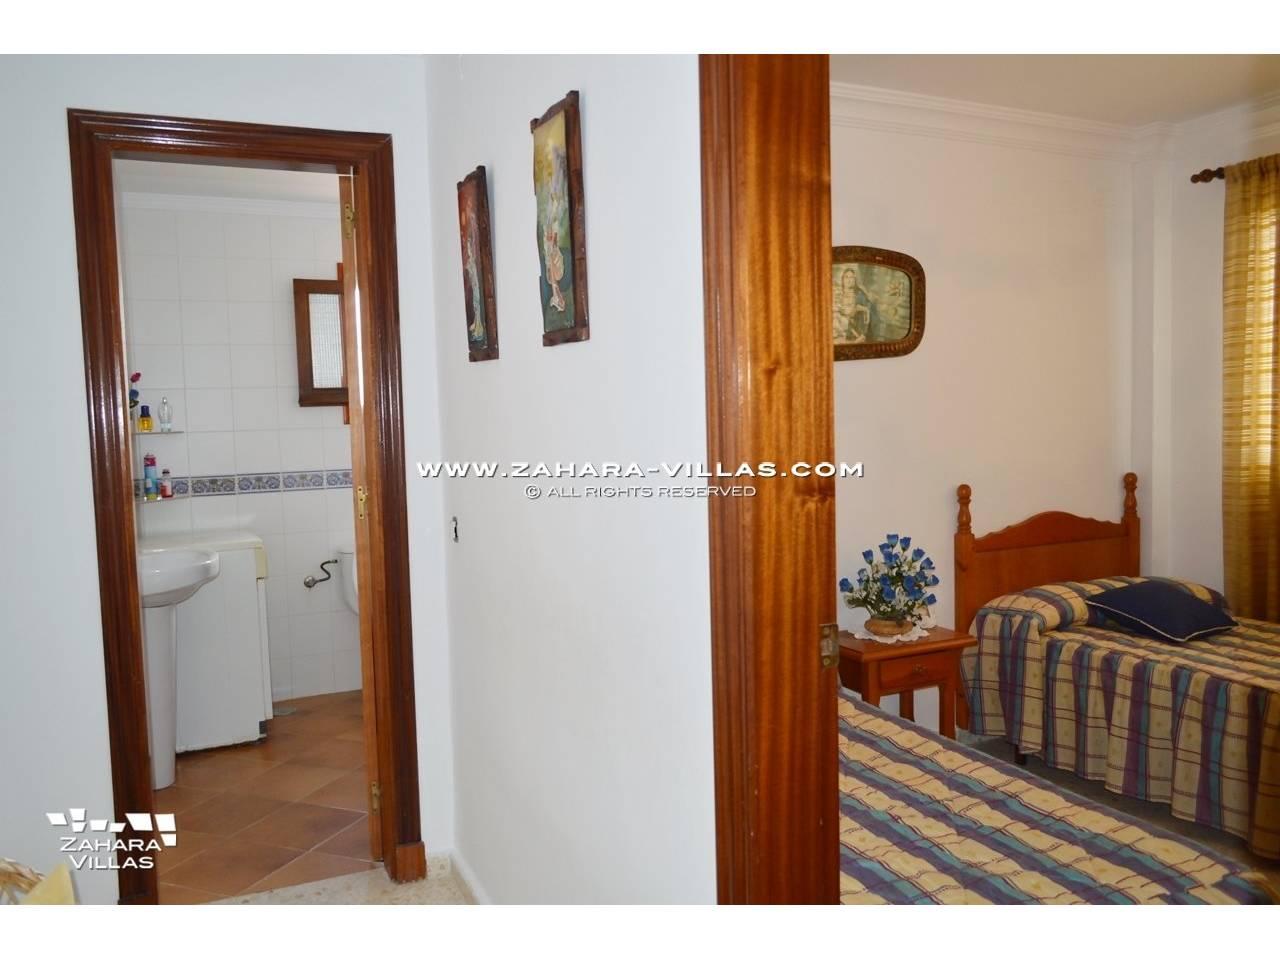 Imagen 2 de Flat for sale